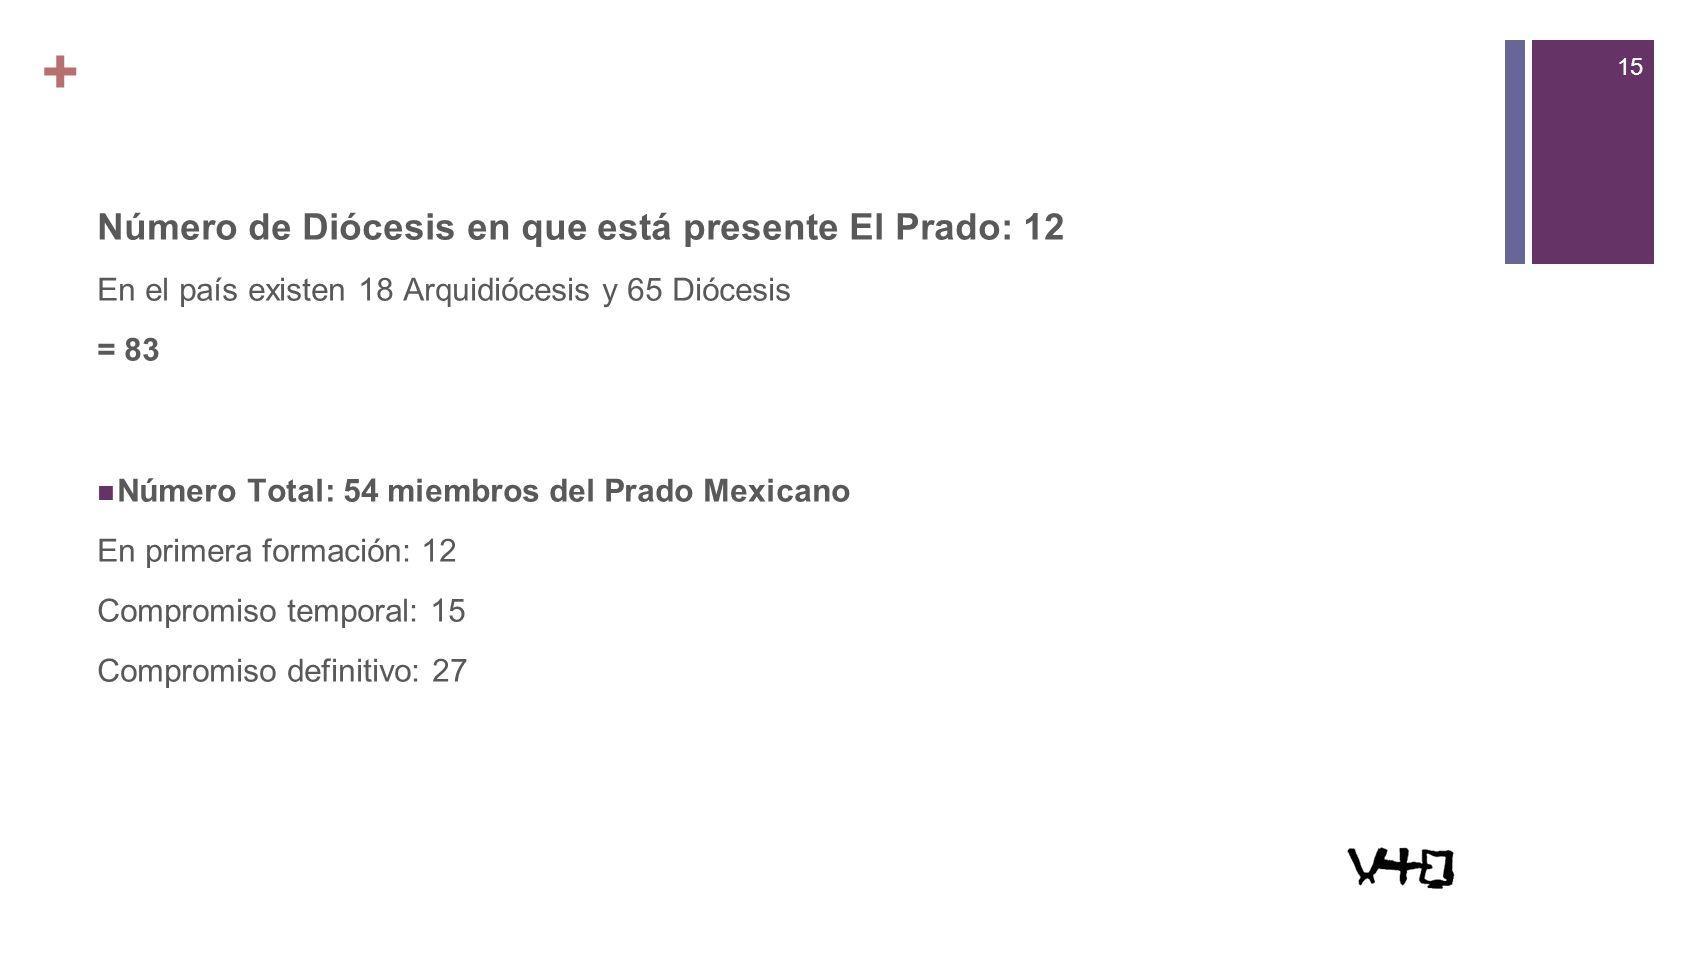 + Número de Diócesis en que está presente El Prado: 12